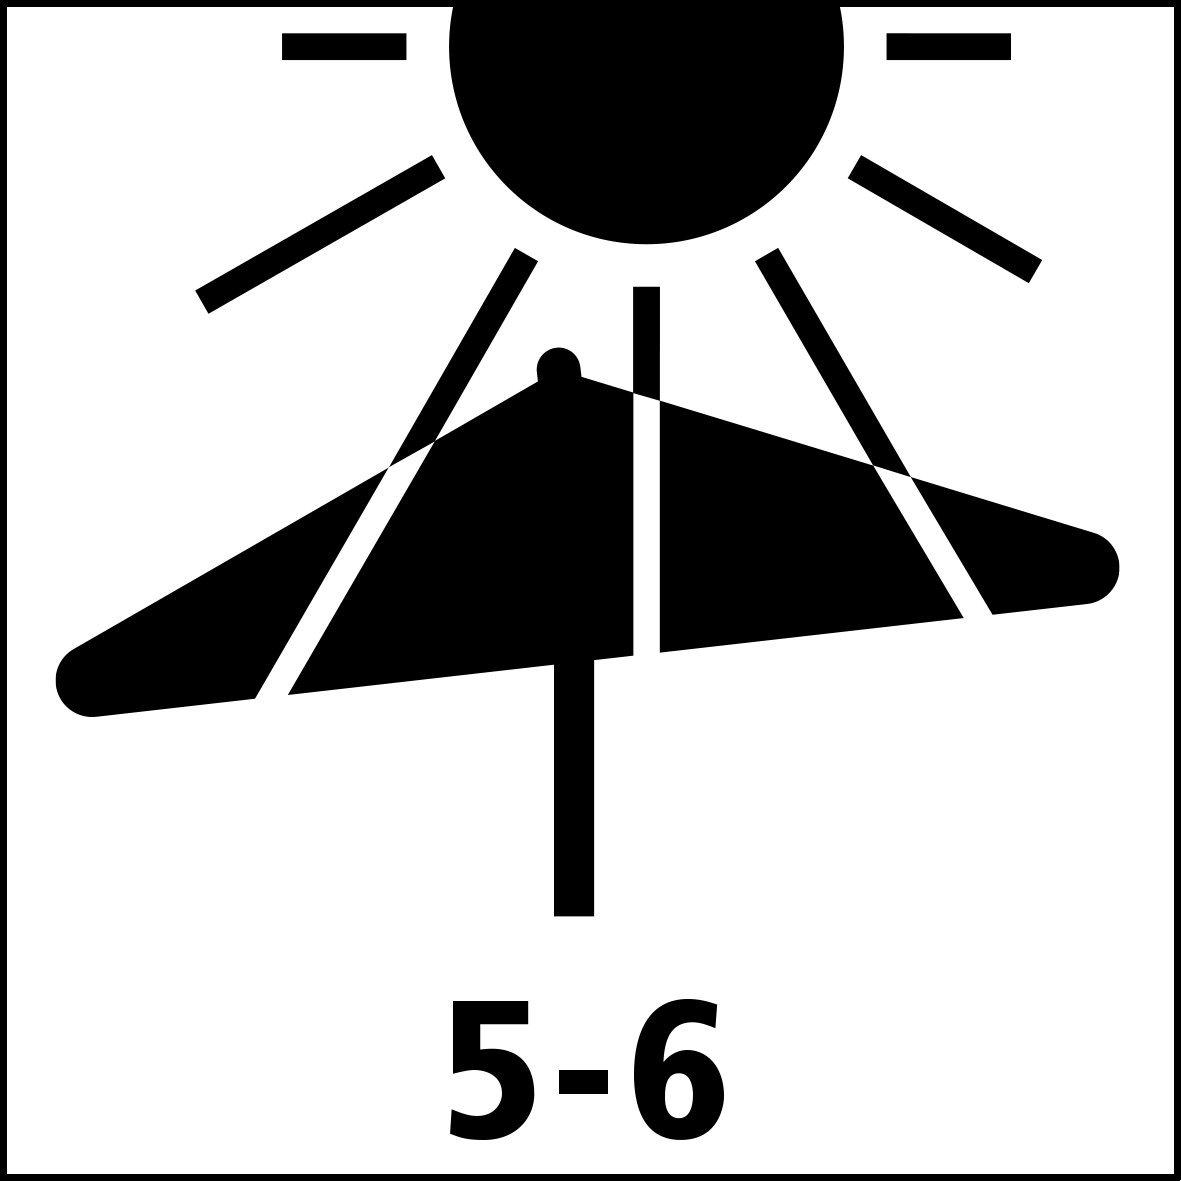 Calistouk Sombrilla Ultraligera c/ápsula de Doble Uso Plegable con Estuche de Transporte Verde el Viaje port/átil Adecuado Las d/ías soleados y lluviosos el Paraguas es Resistente a los Rayos UV